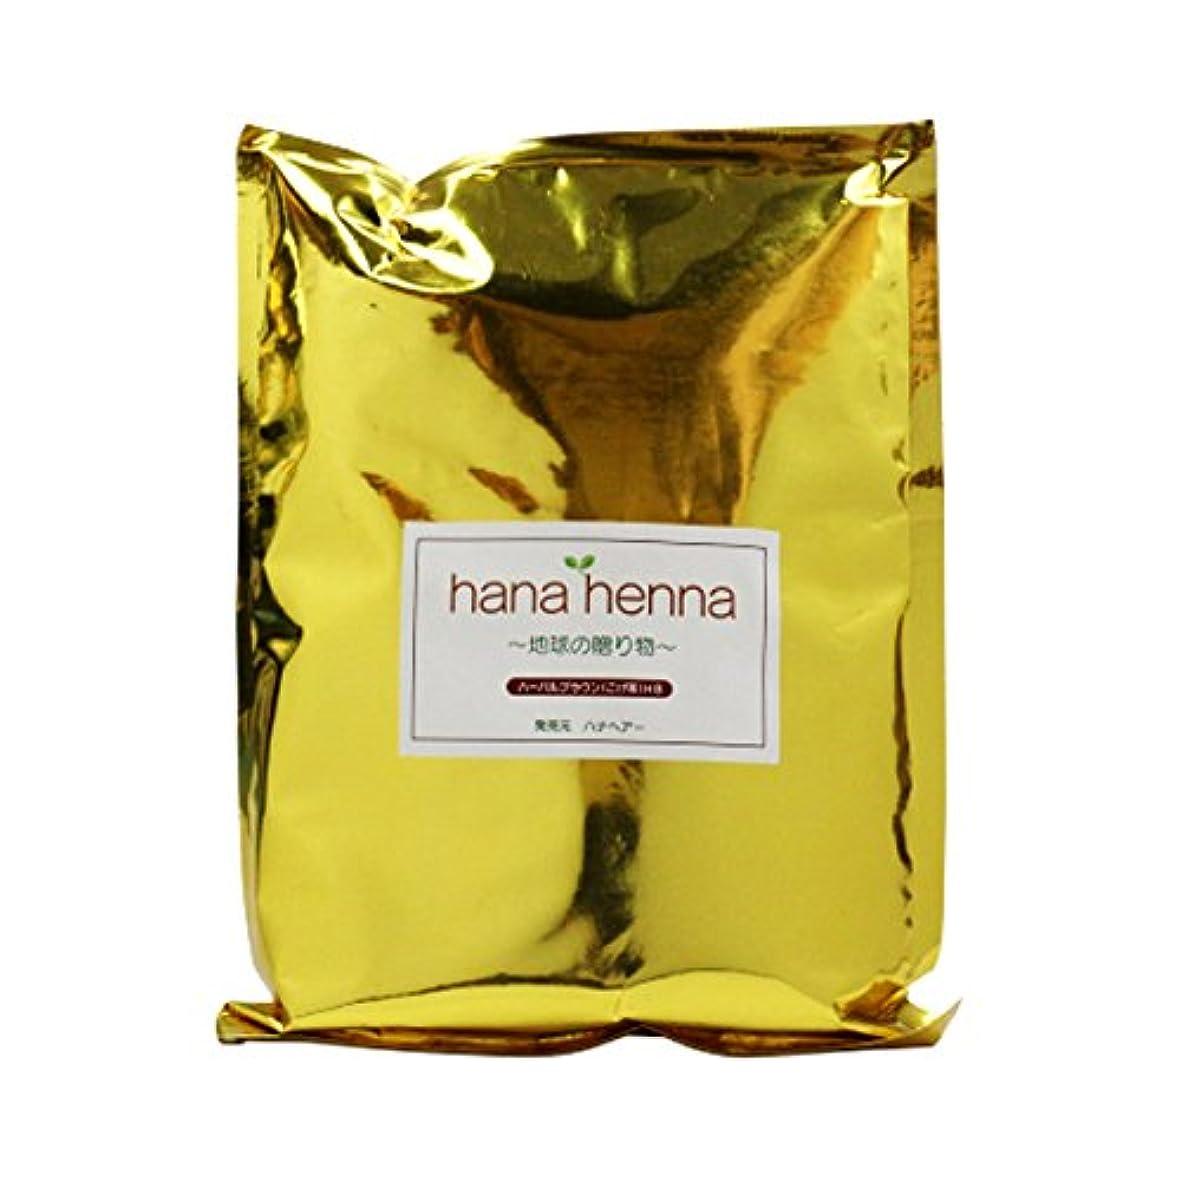 クリーナー離す迷信hanahenna ハーバルブラウン HB(こげ茶) 100g